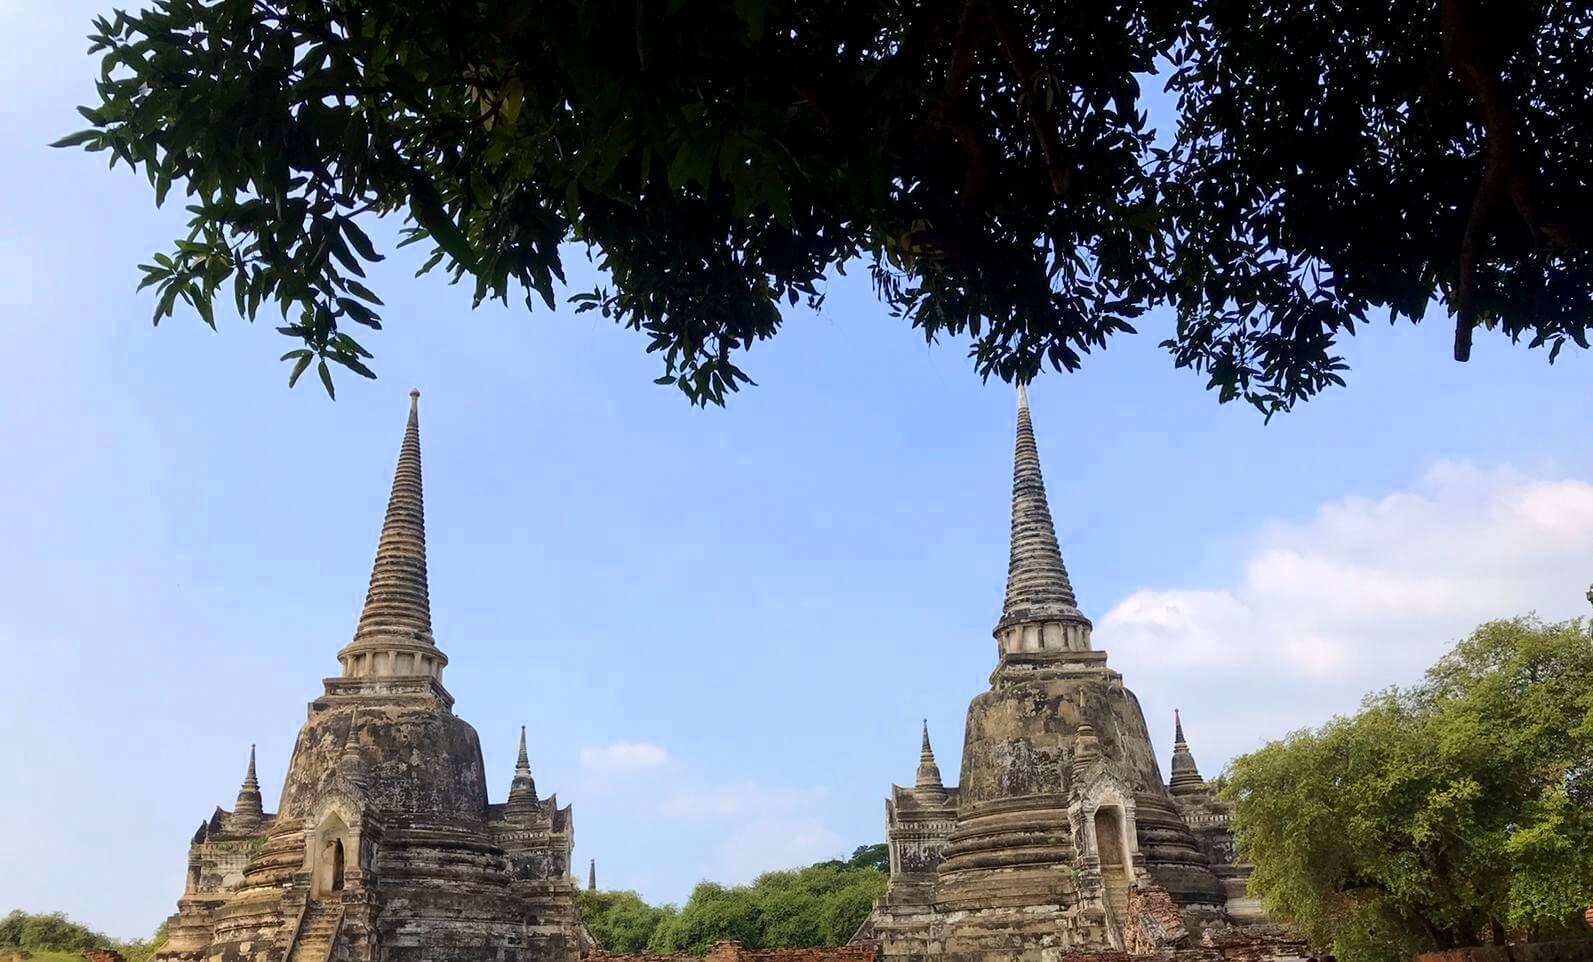 Estupas del Wat Phra Si Sanphet